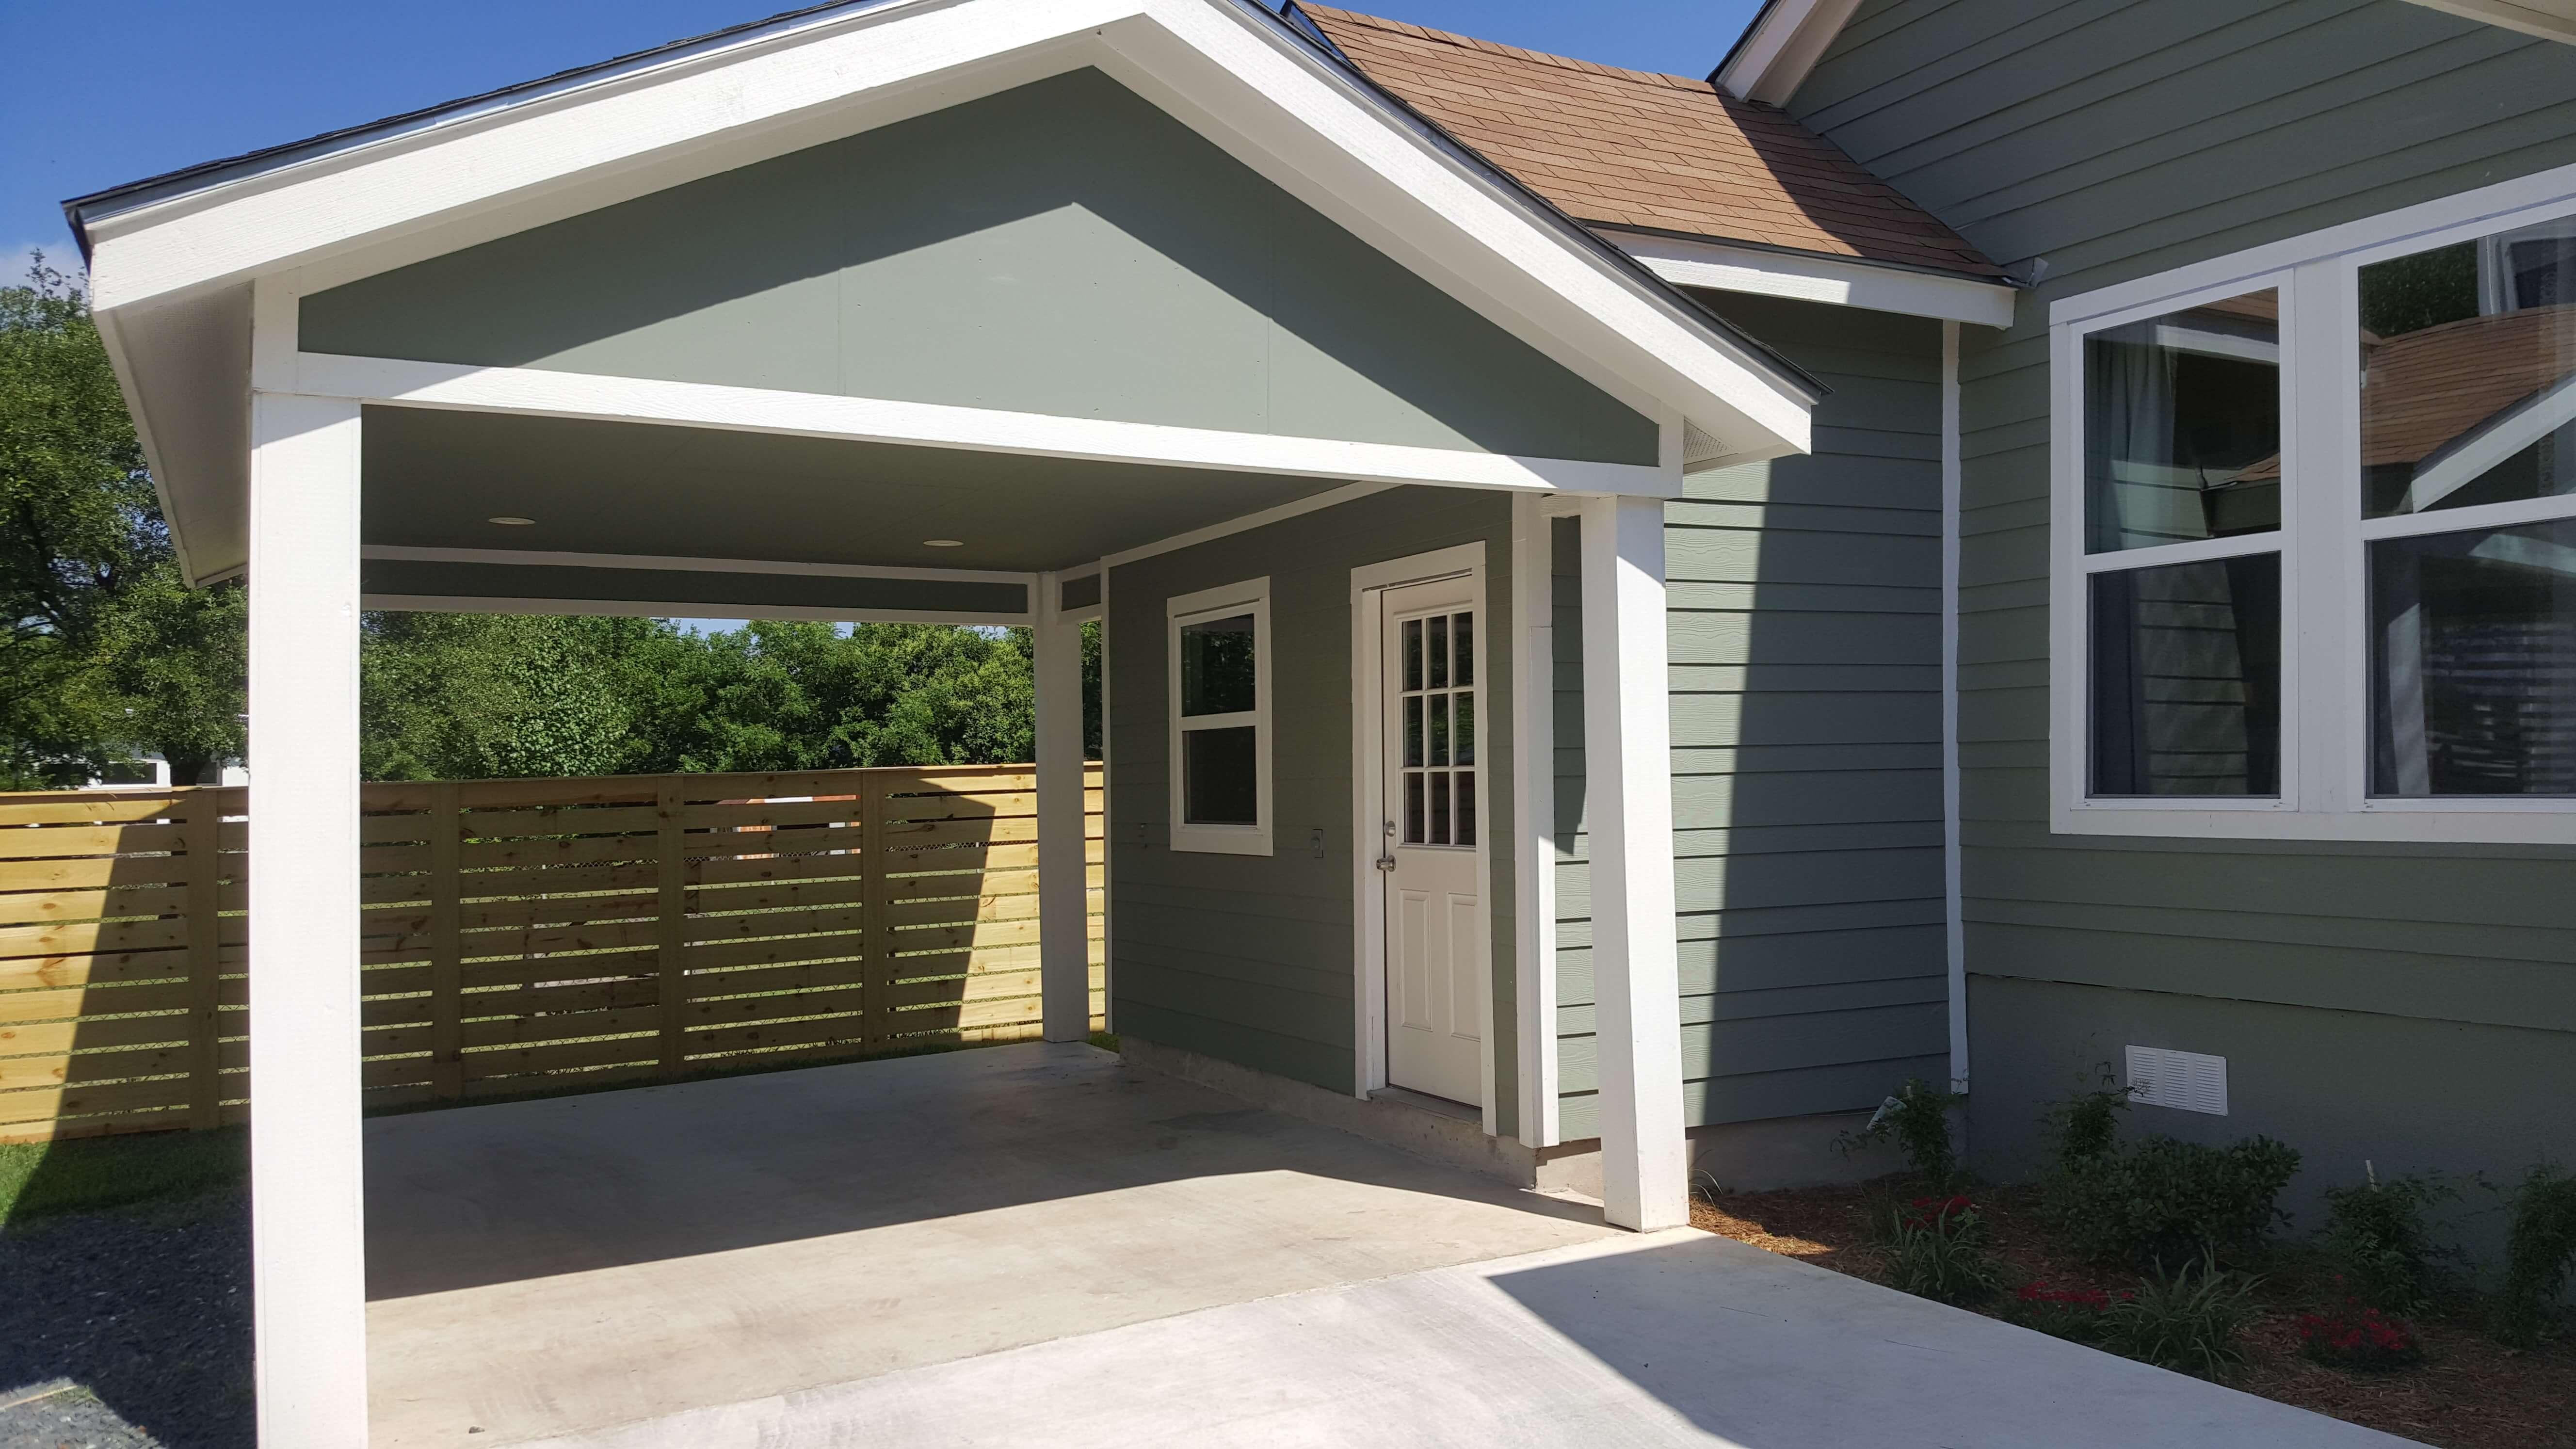 Carport and Side Door